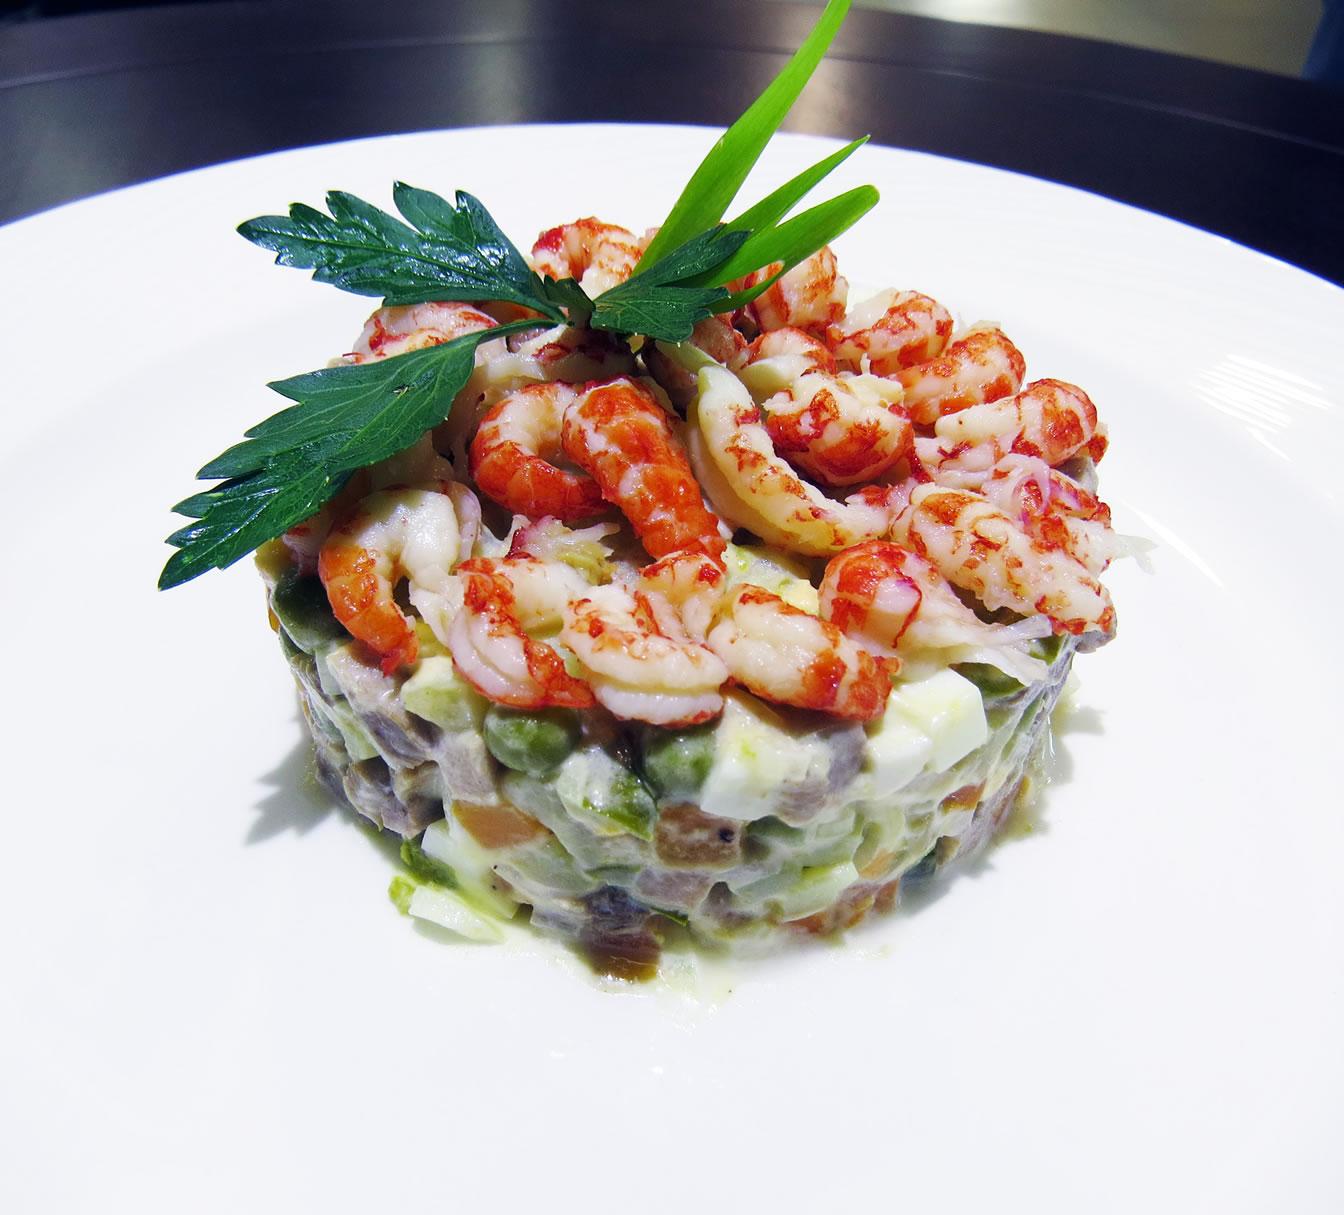 салат Оливье 5 звезд ресторан Аннас Брахма в Оренбурге